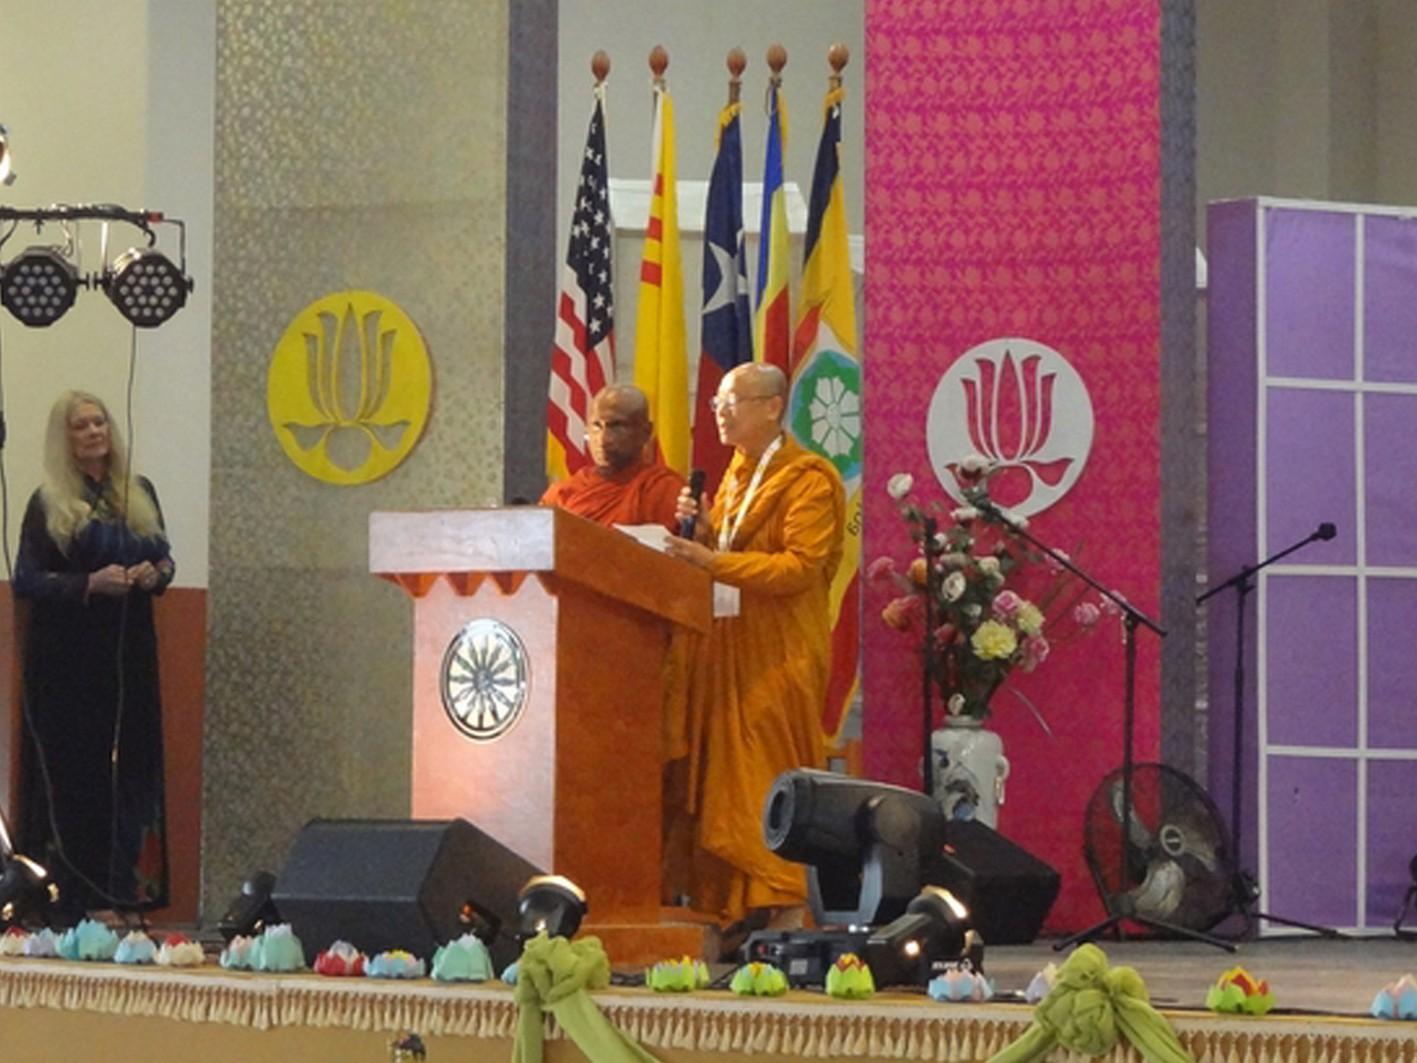 Thượng tọa Rahula và Hòa thượng Thích Huyền Việt trong thời Thuyết pháp